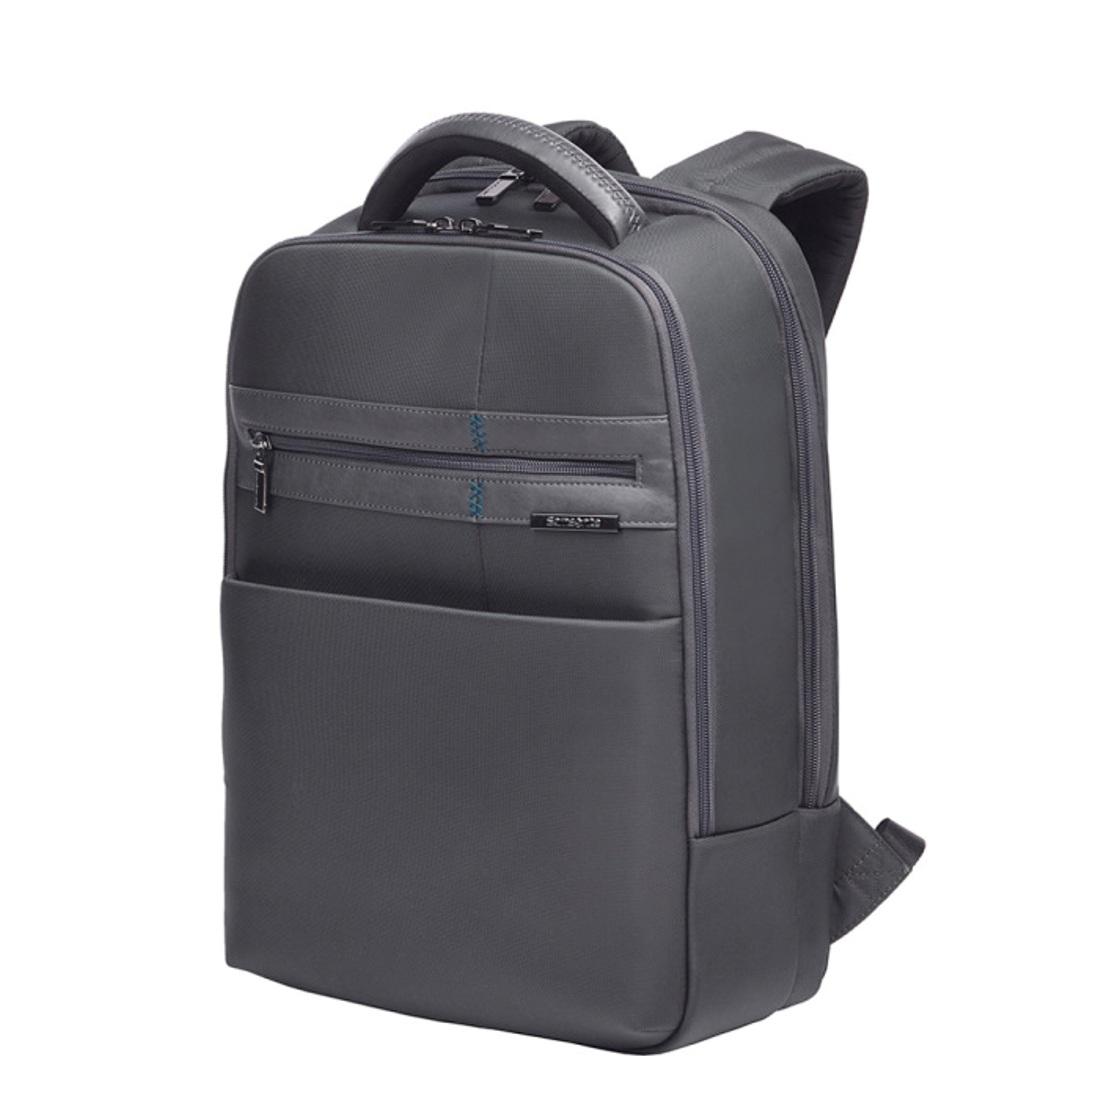 c9ea3d3b51 SAMSONITE Formalite Laptop Backpack 15.6